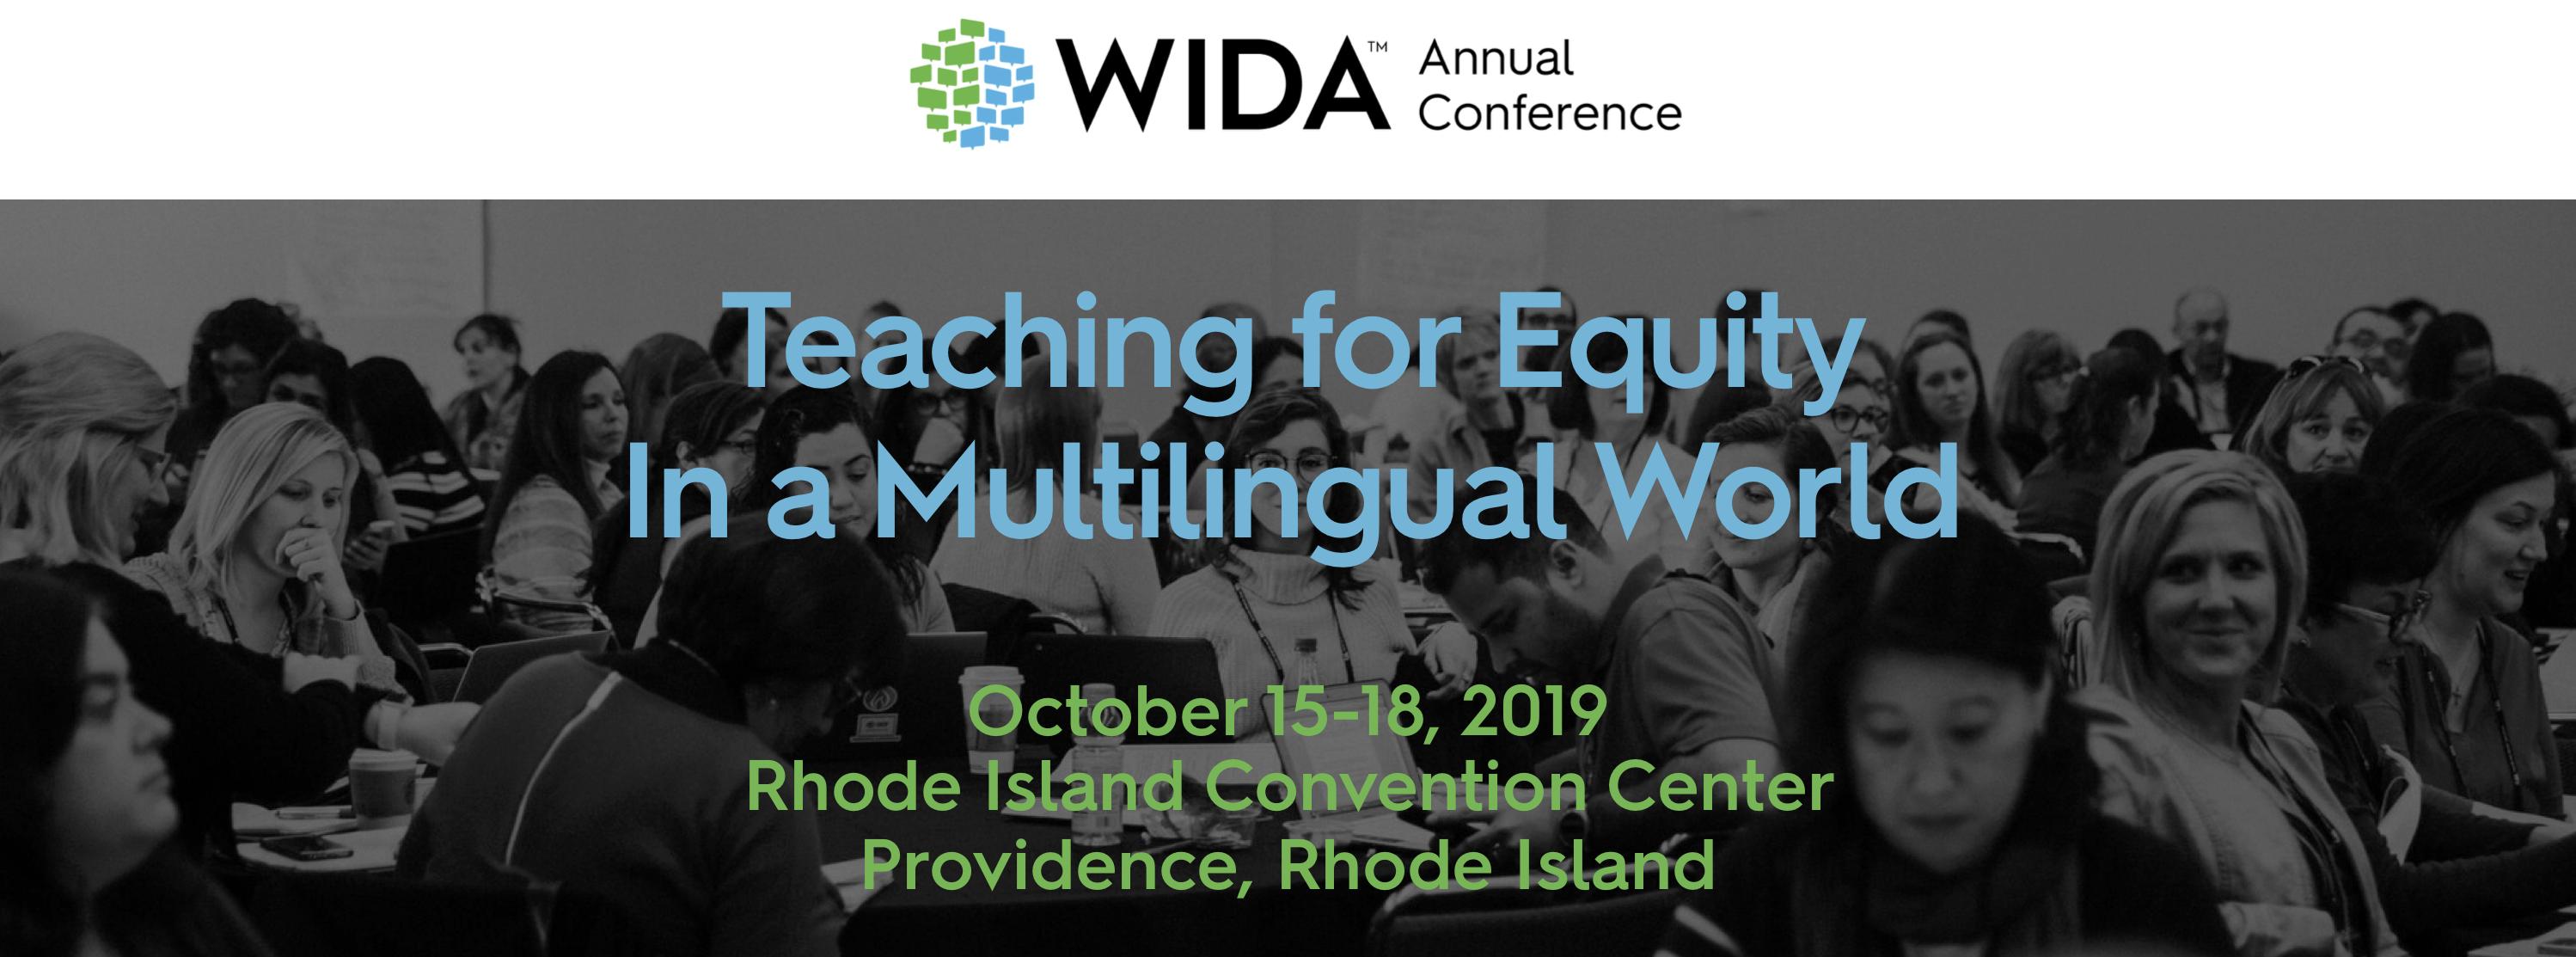 2019 WIDA Annual Conference